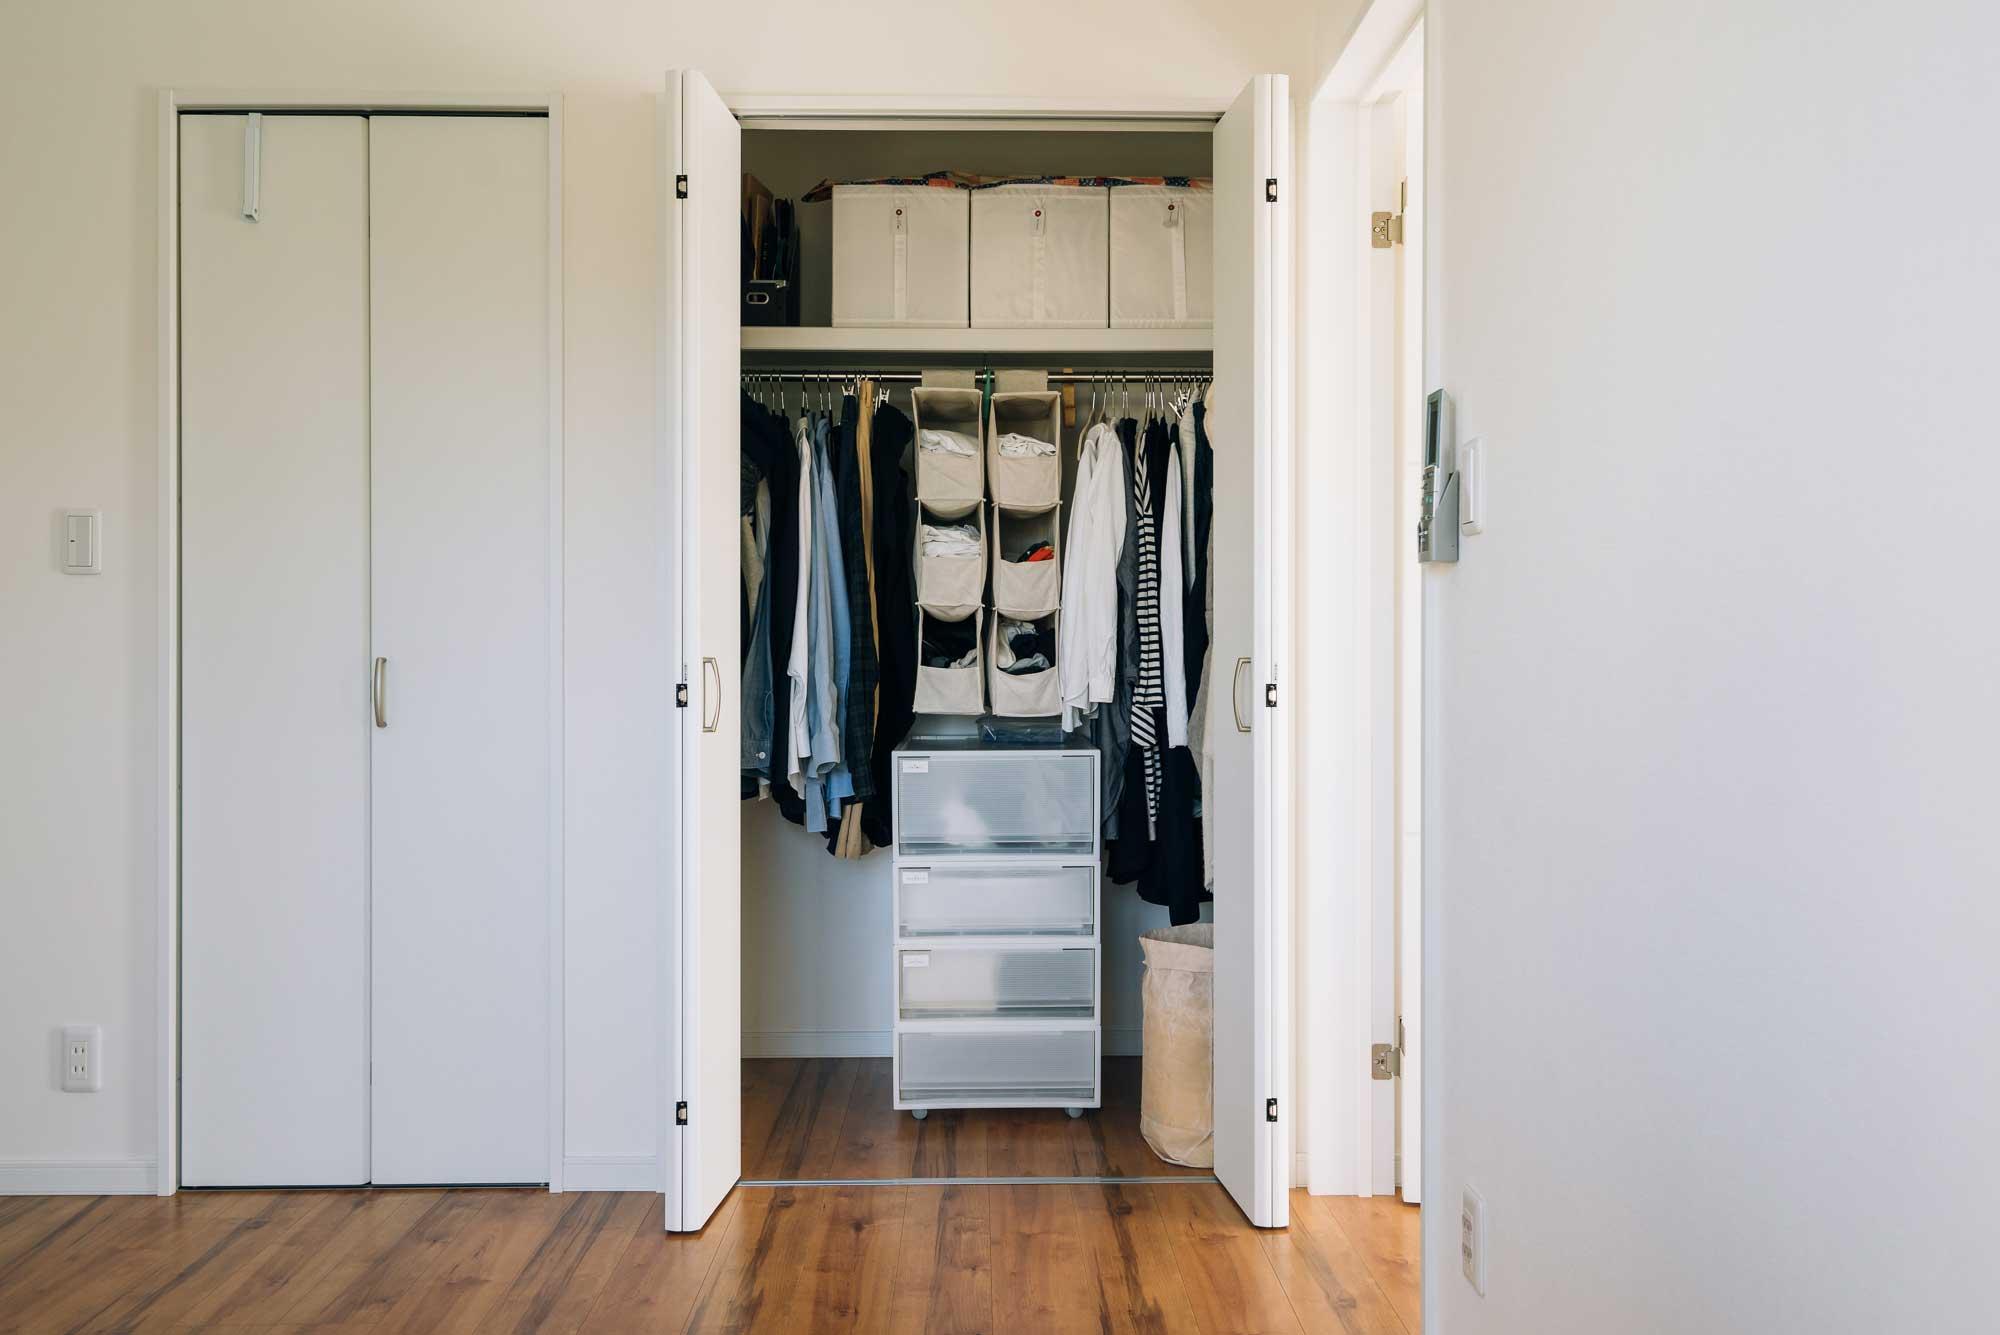 こちらは、整理収納アドバイザーの本多さおりさんのお部屋。家族3人暮らしでオンシーズンの衣服はこれだけという少なさ(捨てるモノ、しまうモノ。本多さおりさんに聞く「シンプルに暮らすコツ」)